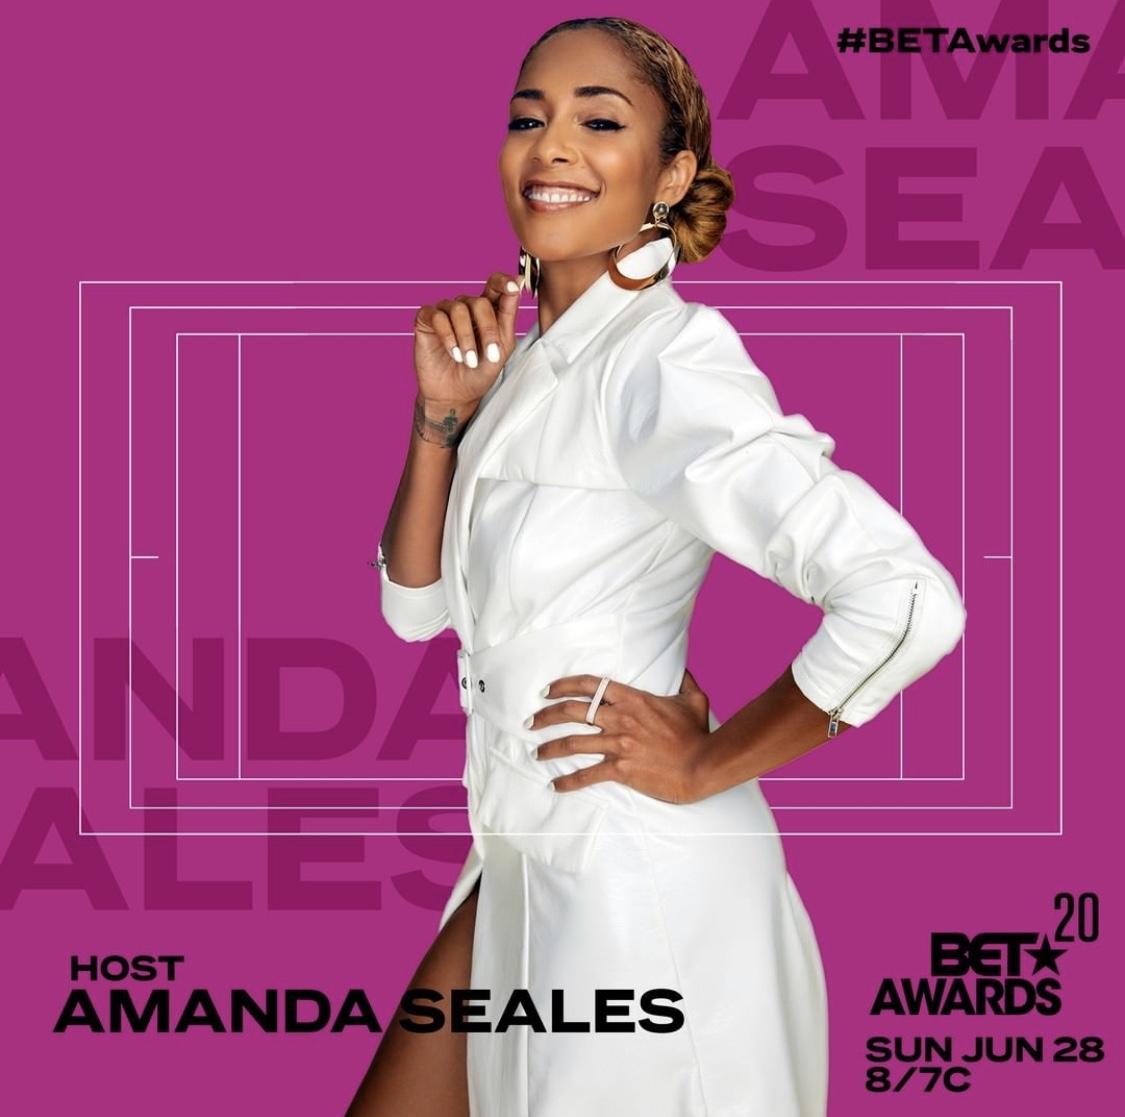 amanda-seales-bet-awards-2020-nominations